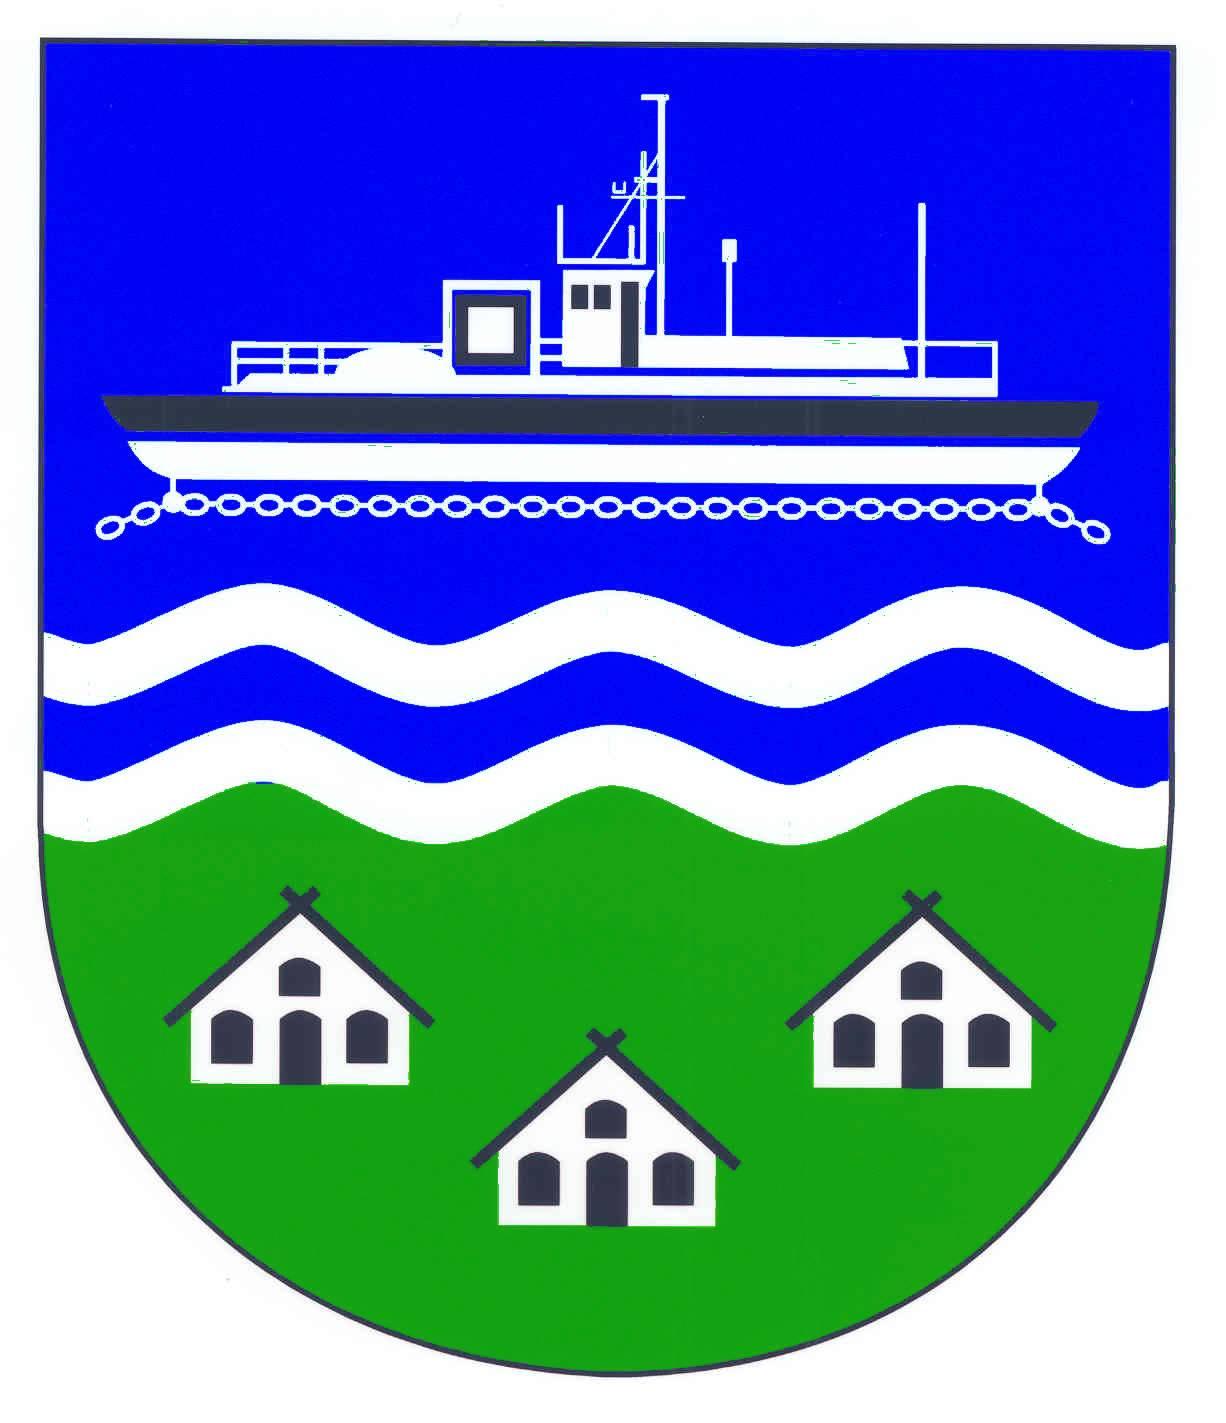 Wappen GemeindeOldenbüttel, Kreis Rendsburg-Eckernförde